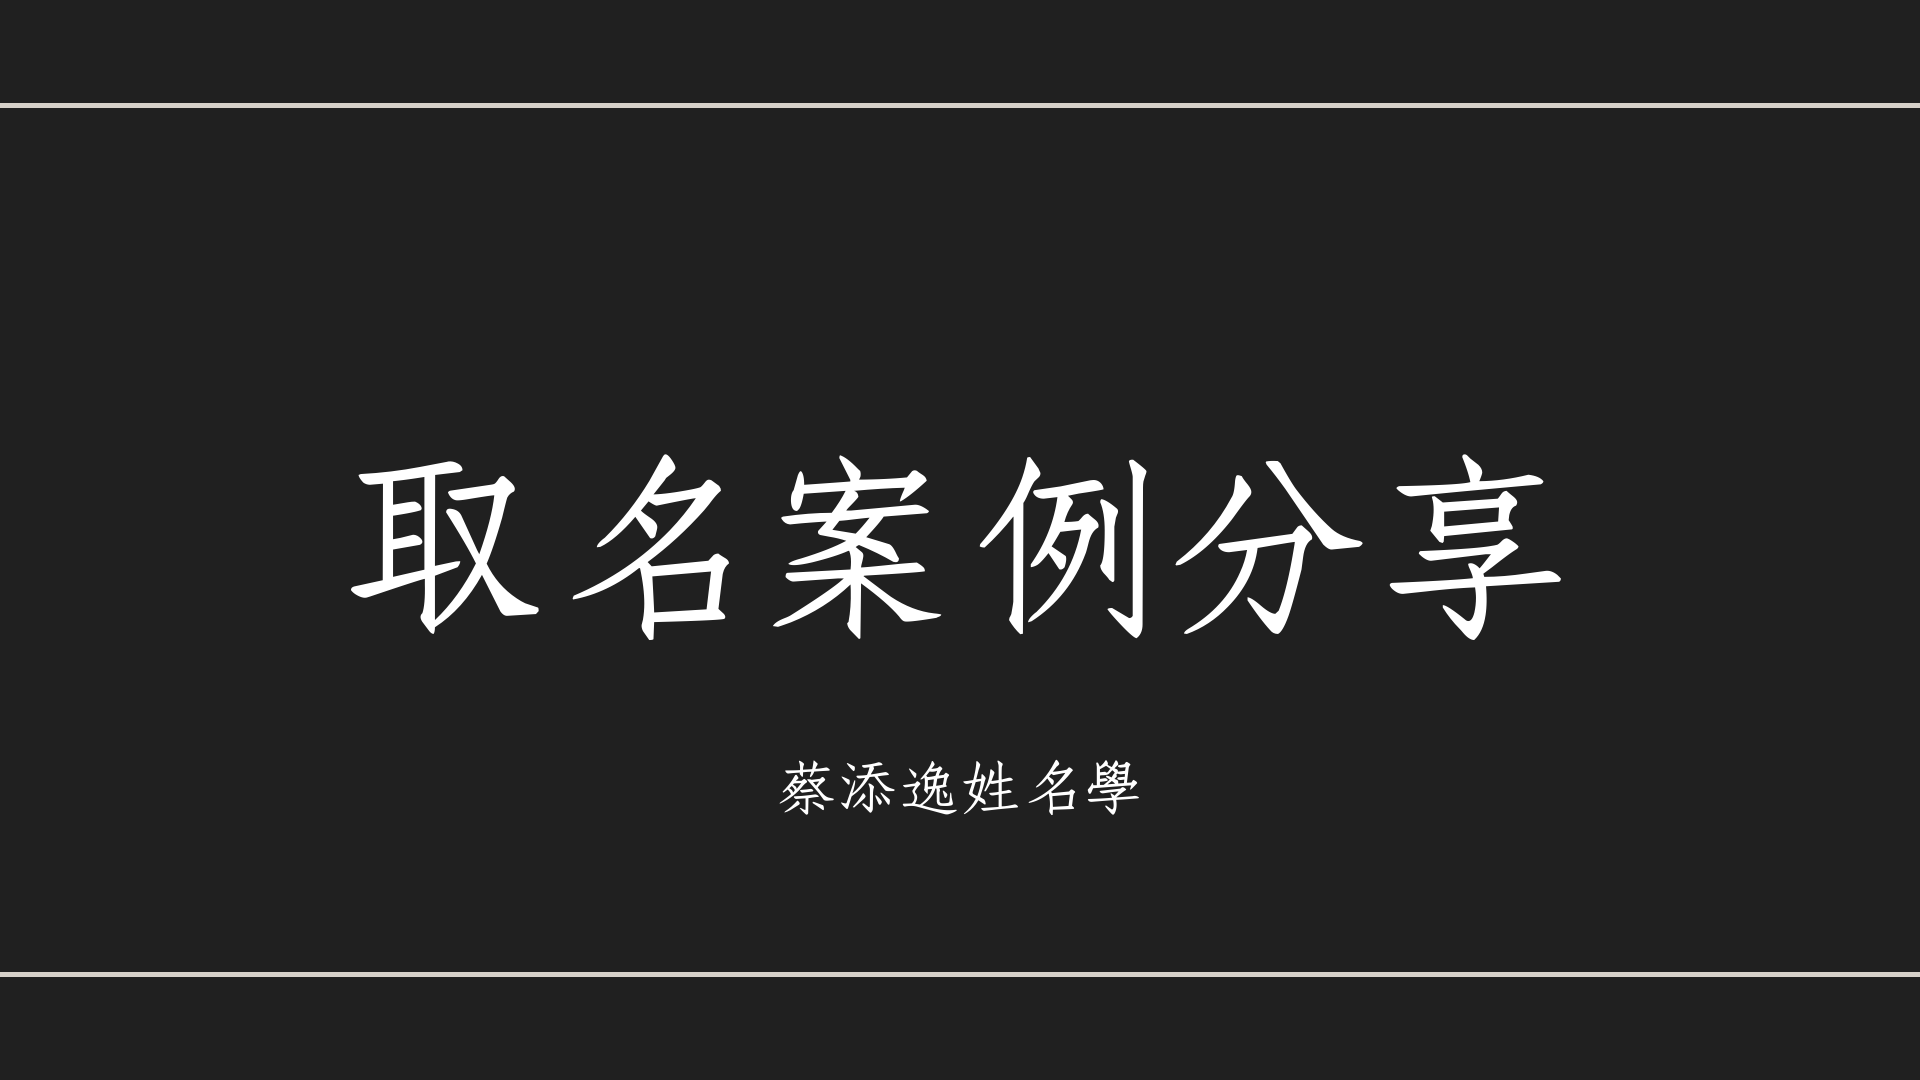 蔡添逸姓名學客戶實例1323堂:姓名學取名實例